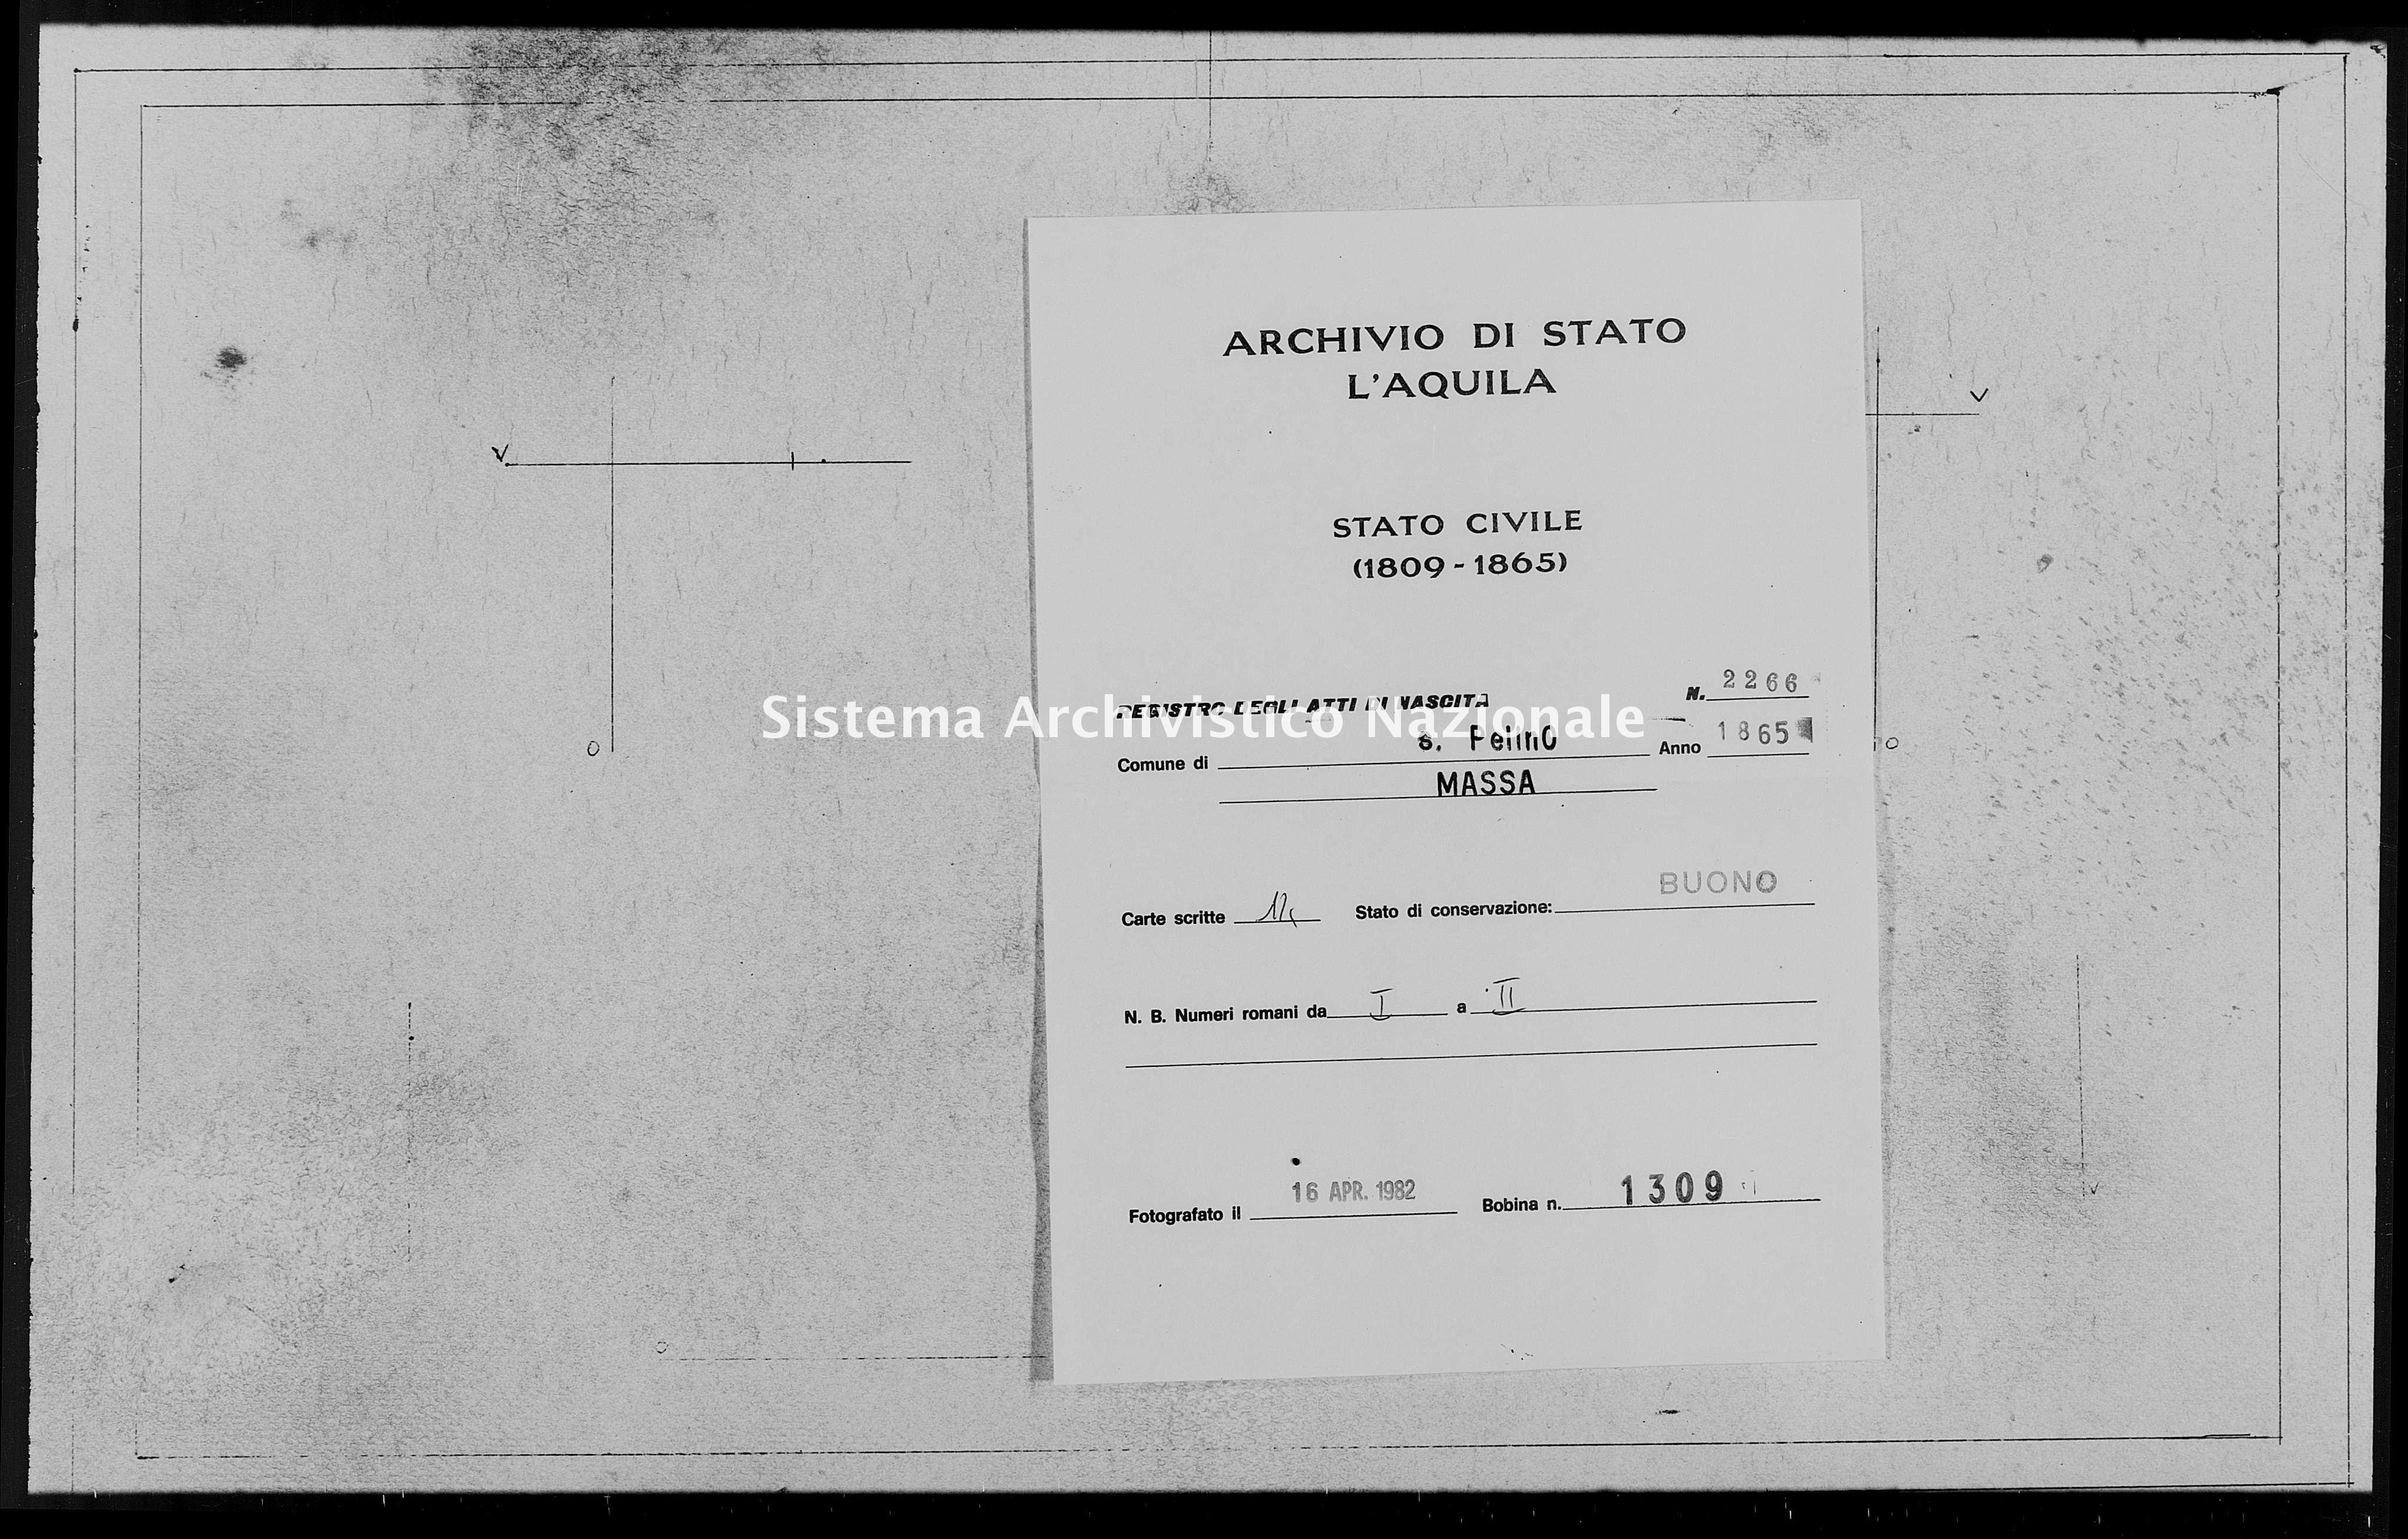 Archivio di stato di L'aquila - Stato civile italiano - San Pelino - Nati - 1865 - 2266 -